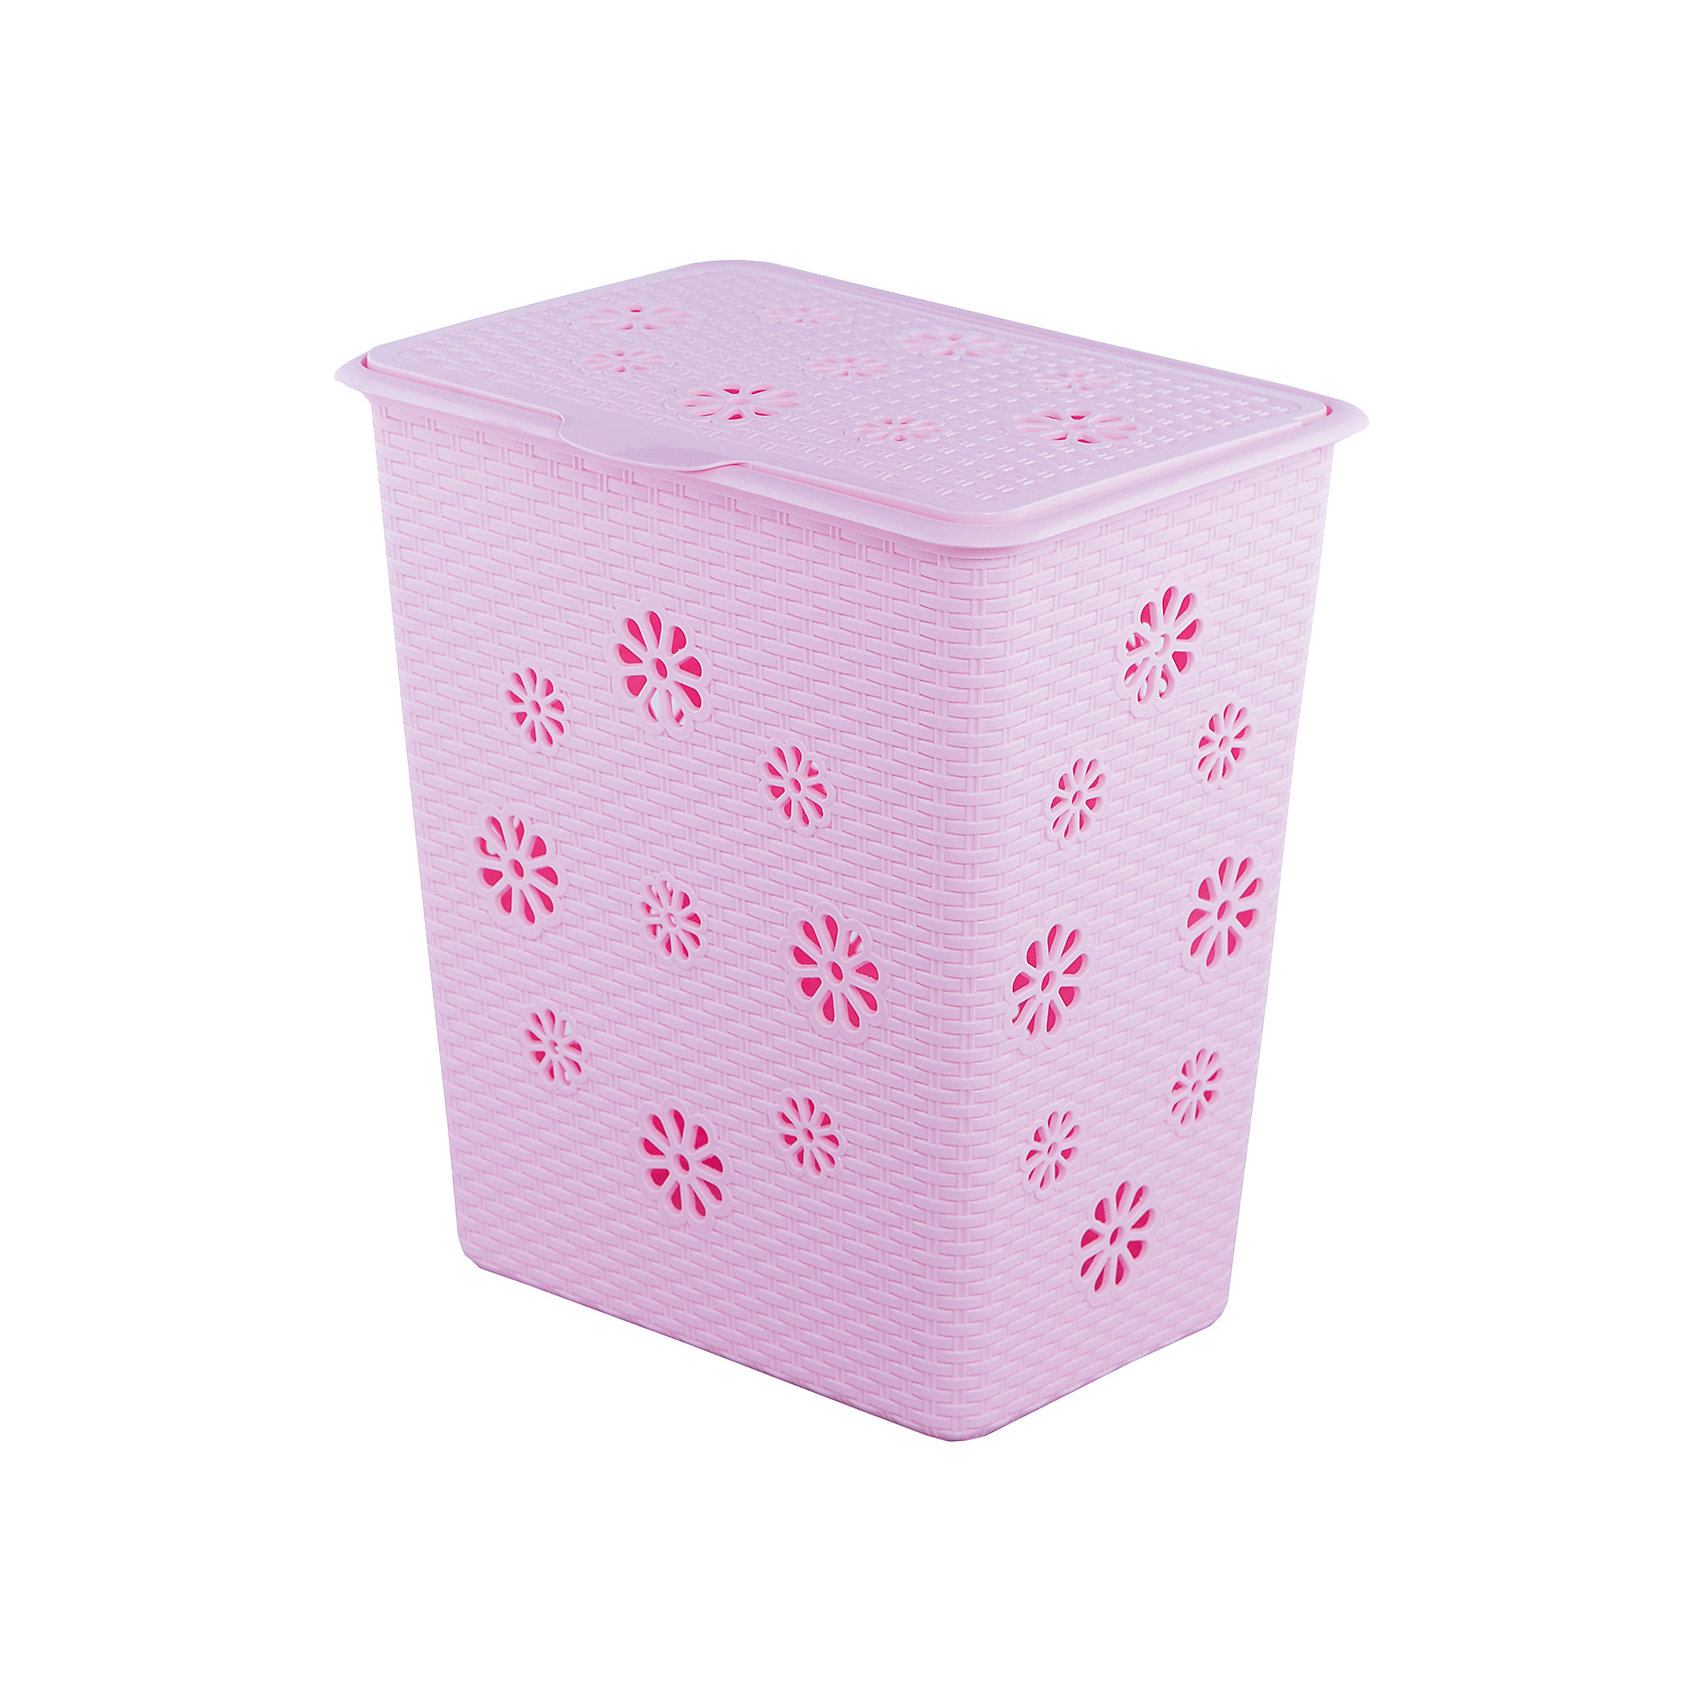 Корзина для белья Плетёнка 60л. , Alternativa, розовыйВанная комната<br>Характеристики:<br><br>• Предназначение: для белья<br>• Материал: пластик<br>• Цвет: розовый<br>• Размер (Д*Ш*В): 34*46*50,5 см<br>• Форма: прямоугольный<br>• Объем: 60 л<br>• Наличие крышки<br>• Особенности ухода: разрешается мыть теплой водой<br><br>Корзина для белья Плетёнка 60 л., Alternativa, розовый изготовлена отечественным производителем ООО ЗПИ Альтернатива, который специализируется на выпуске широкого спектра изделий из пластика. Корзина выполнена из экологически безопасного пластика, устойчивого к механическим повреждениям, корпус оформлен имитацией плетения из лозы, по сторонам корзины имеются отверстия в форме цветов, которые обеспечивают циркуляцию воздуха, в комплекте предусмотрена крышка. Изделие имеет удобную форму, достаточно легкое в уходе. Корзину для белья Плетёнка 60 л., Alternativa, розовую можно использовать не только для белья, но и для хранения игрушек.<br><br>Корзину для белья Плетёнка 60 л., Alternativa, розовую можно купить в нашем интернет-магазине.<br><br>Ширина мм: 340<br>Глубина мм: 460<br>Высота мм: 505<br>Вес г: 2007<br>Возраст от месяцев: -2147483648<br>Возраст до месяцев: 2147483647<br>Пол: Женский<br>Возраст: Детский<br>SKU: 5096610